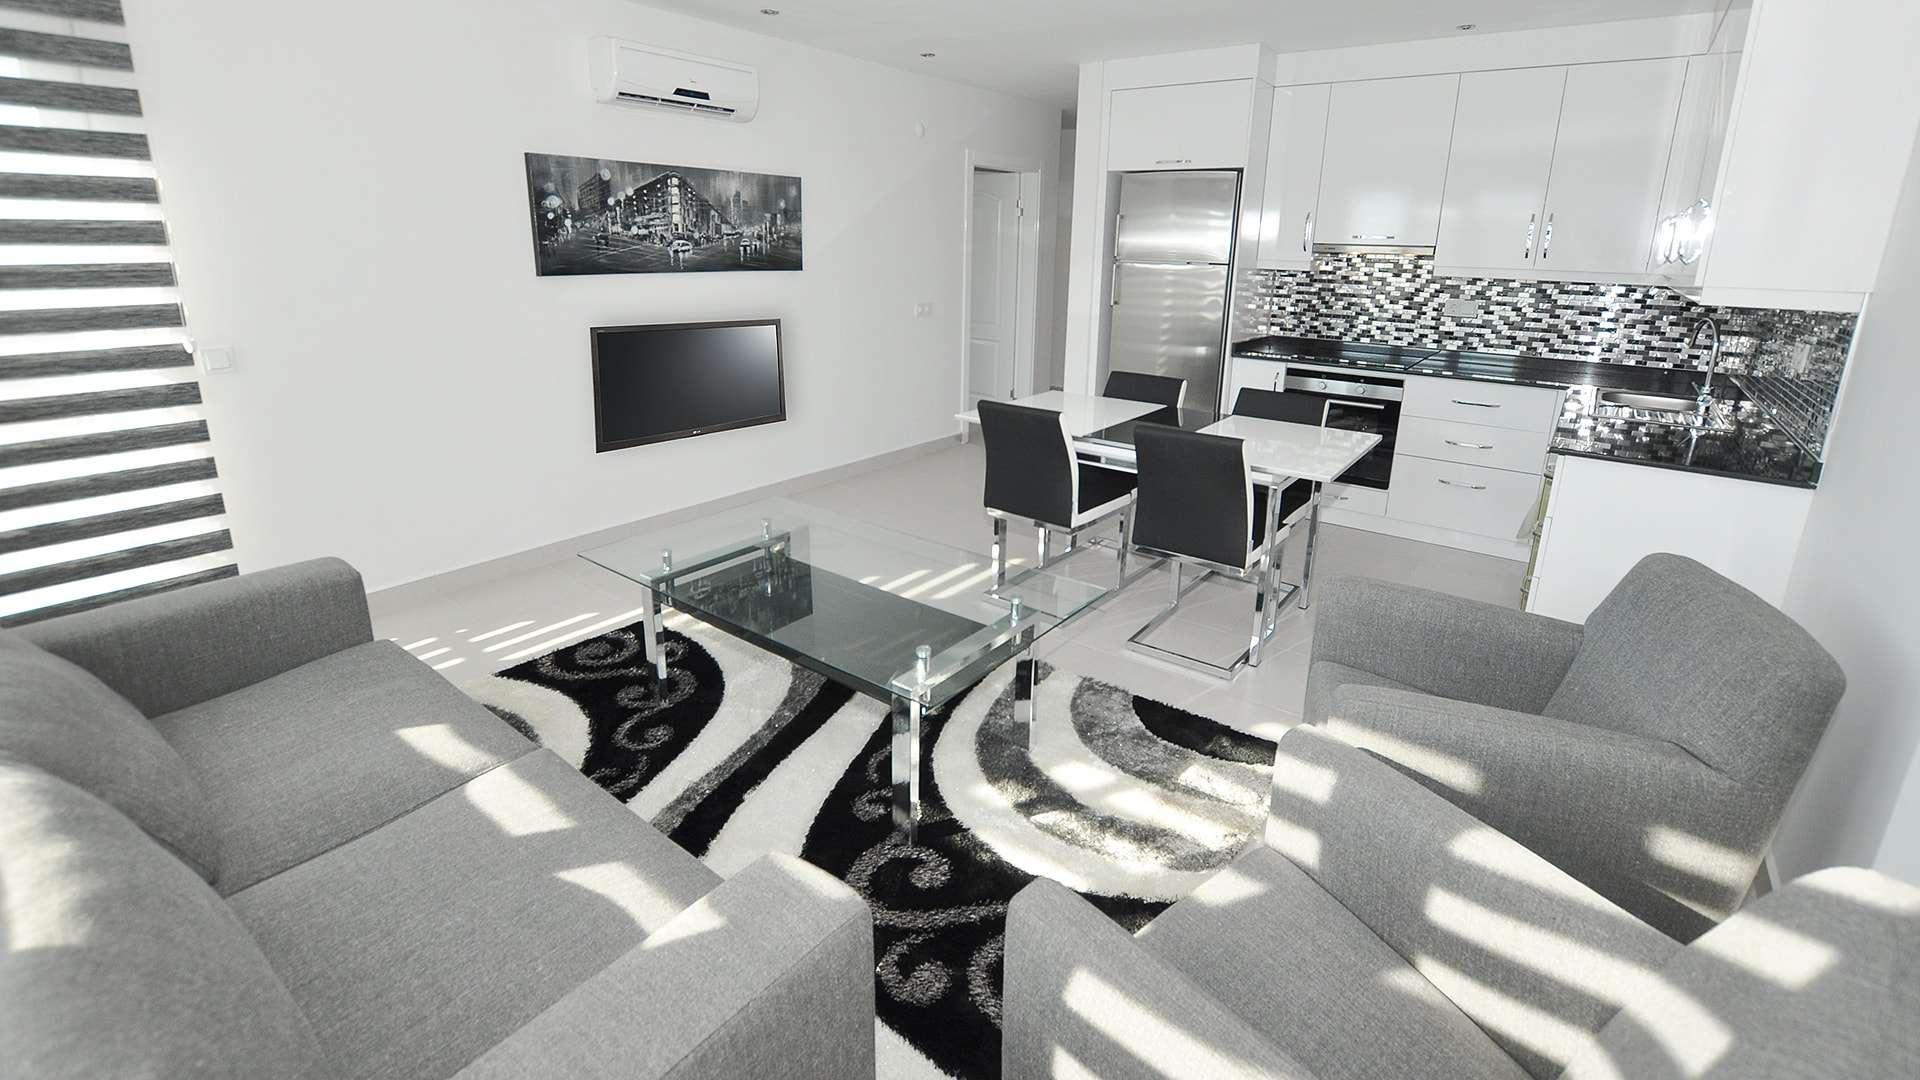 2+1 новые апартаменты напрямую от инвестора, срочная продажа, цена 49.900 евро.